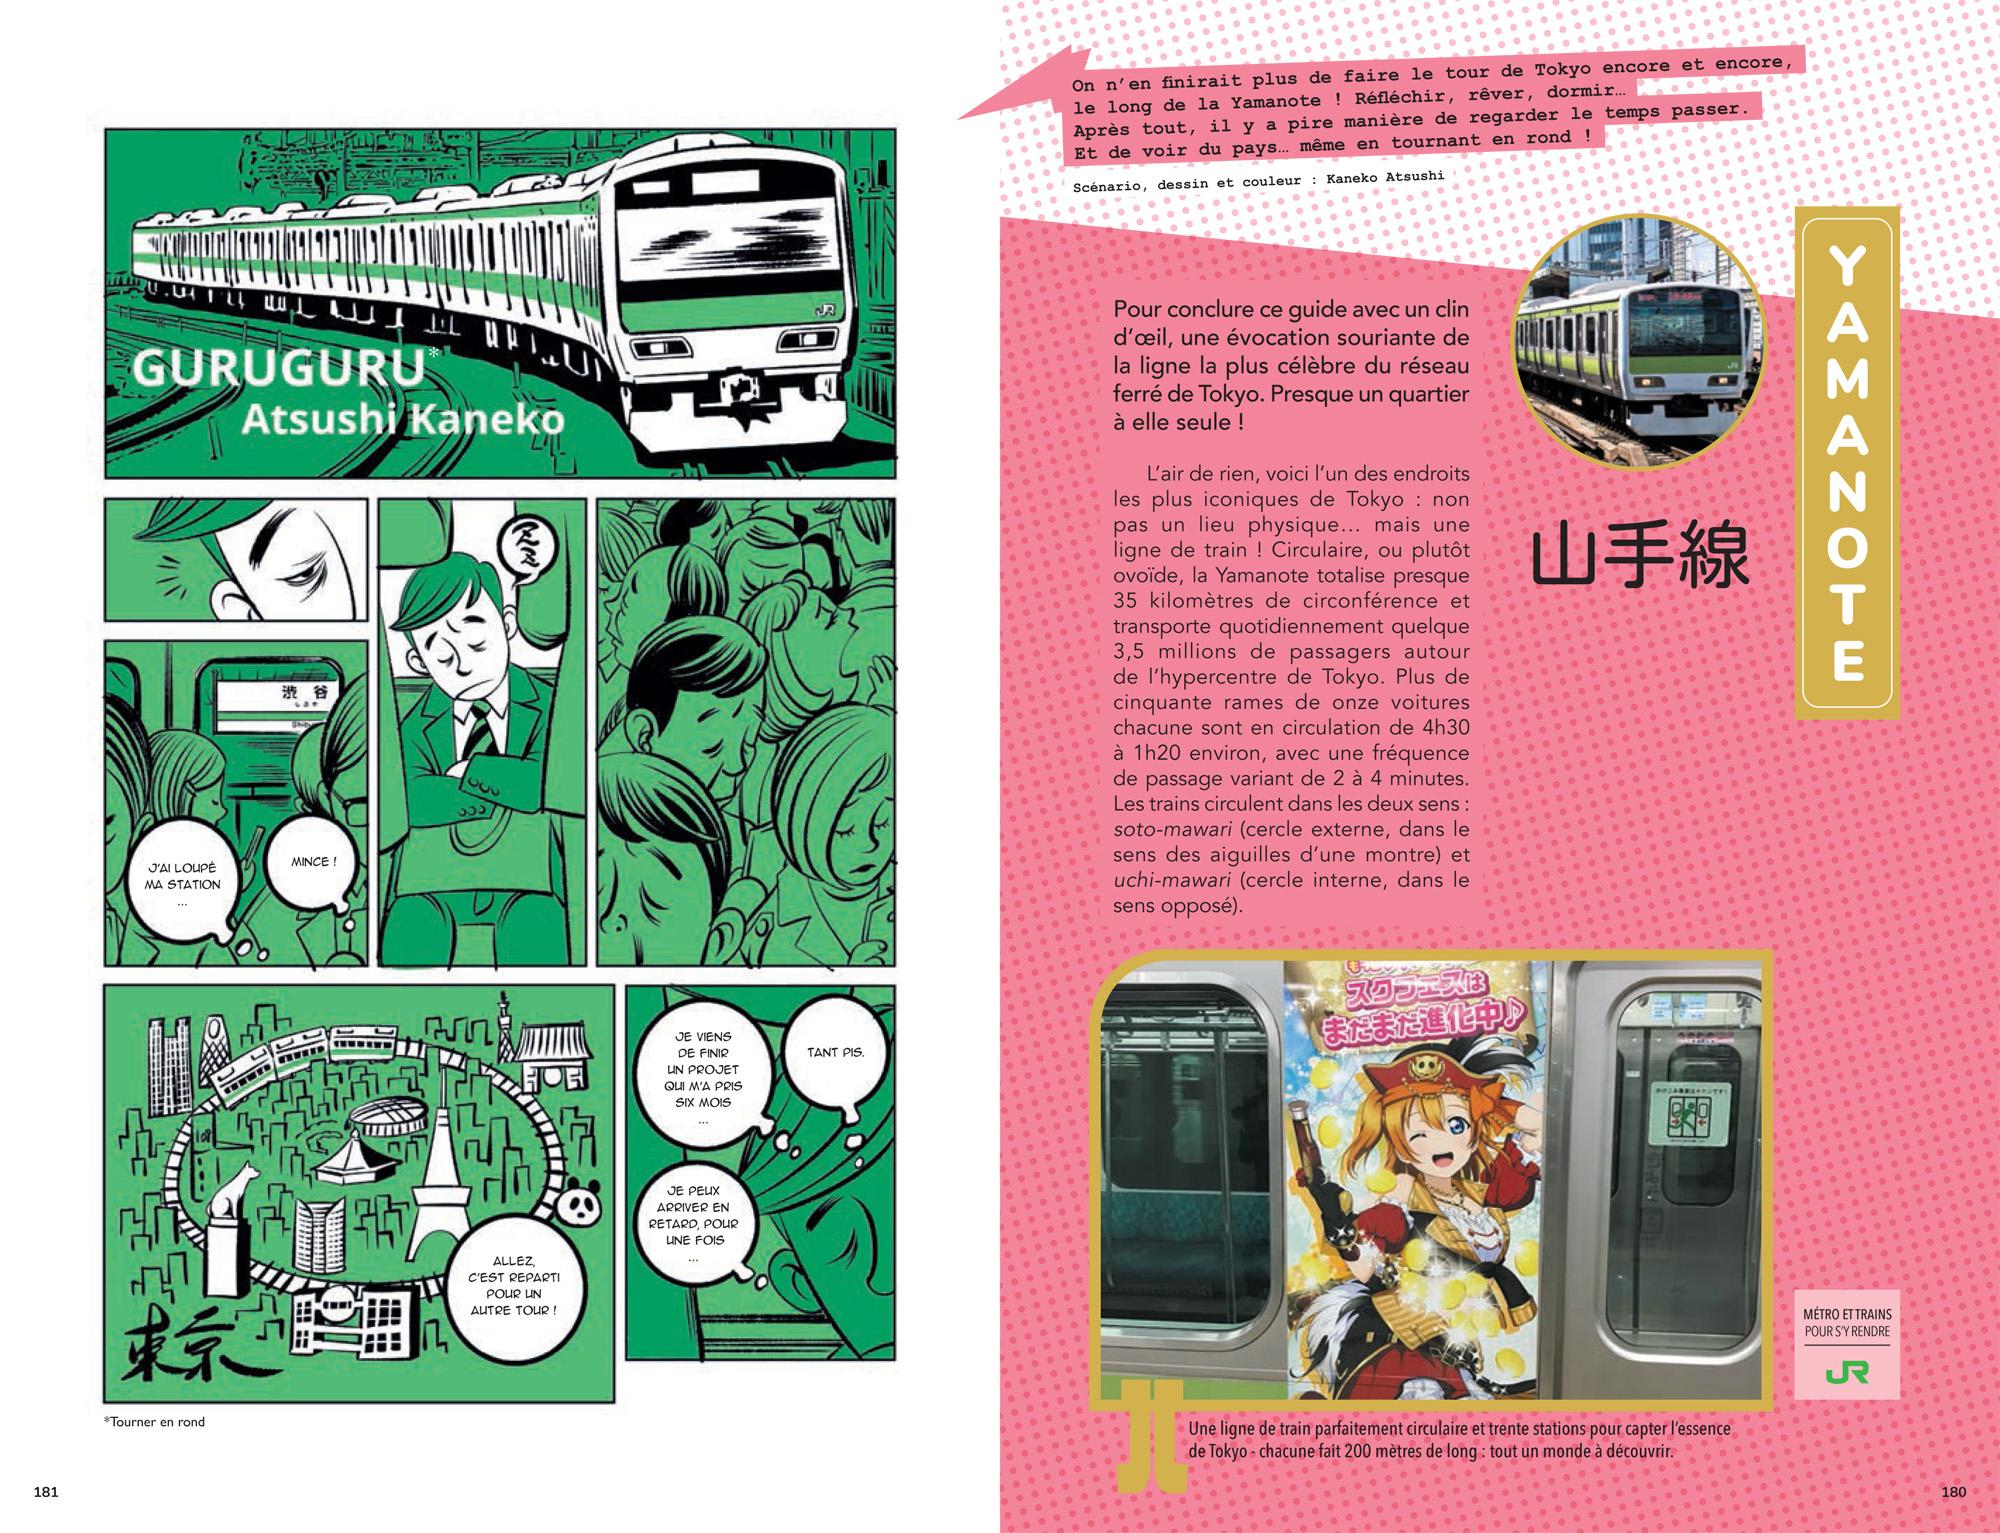 tokyo en manga planche 3